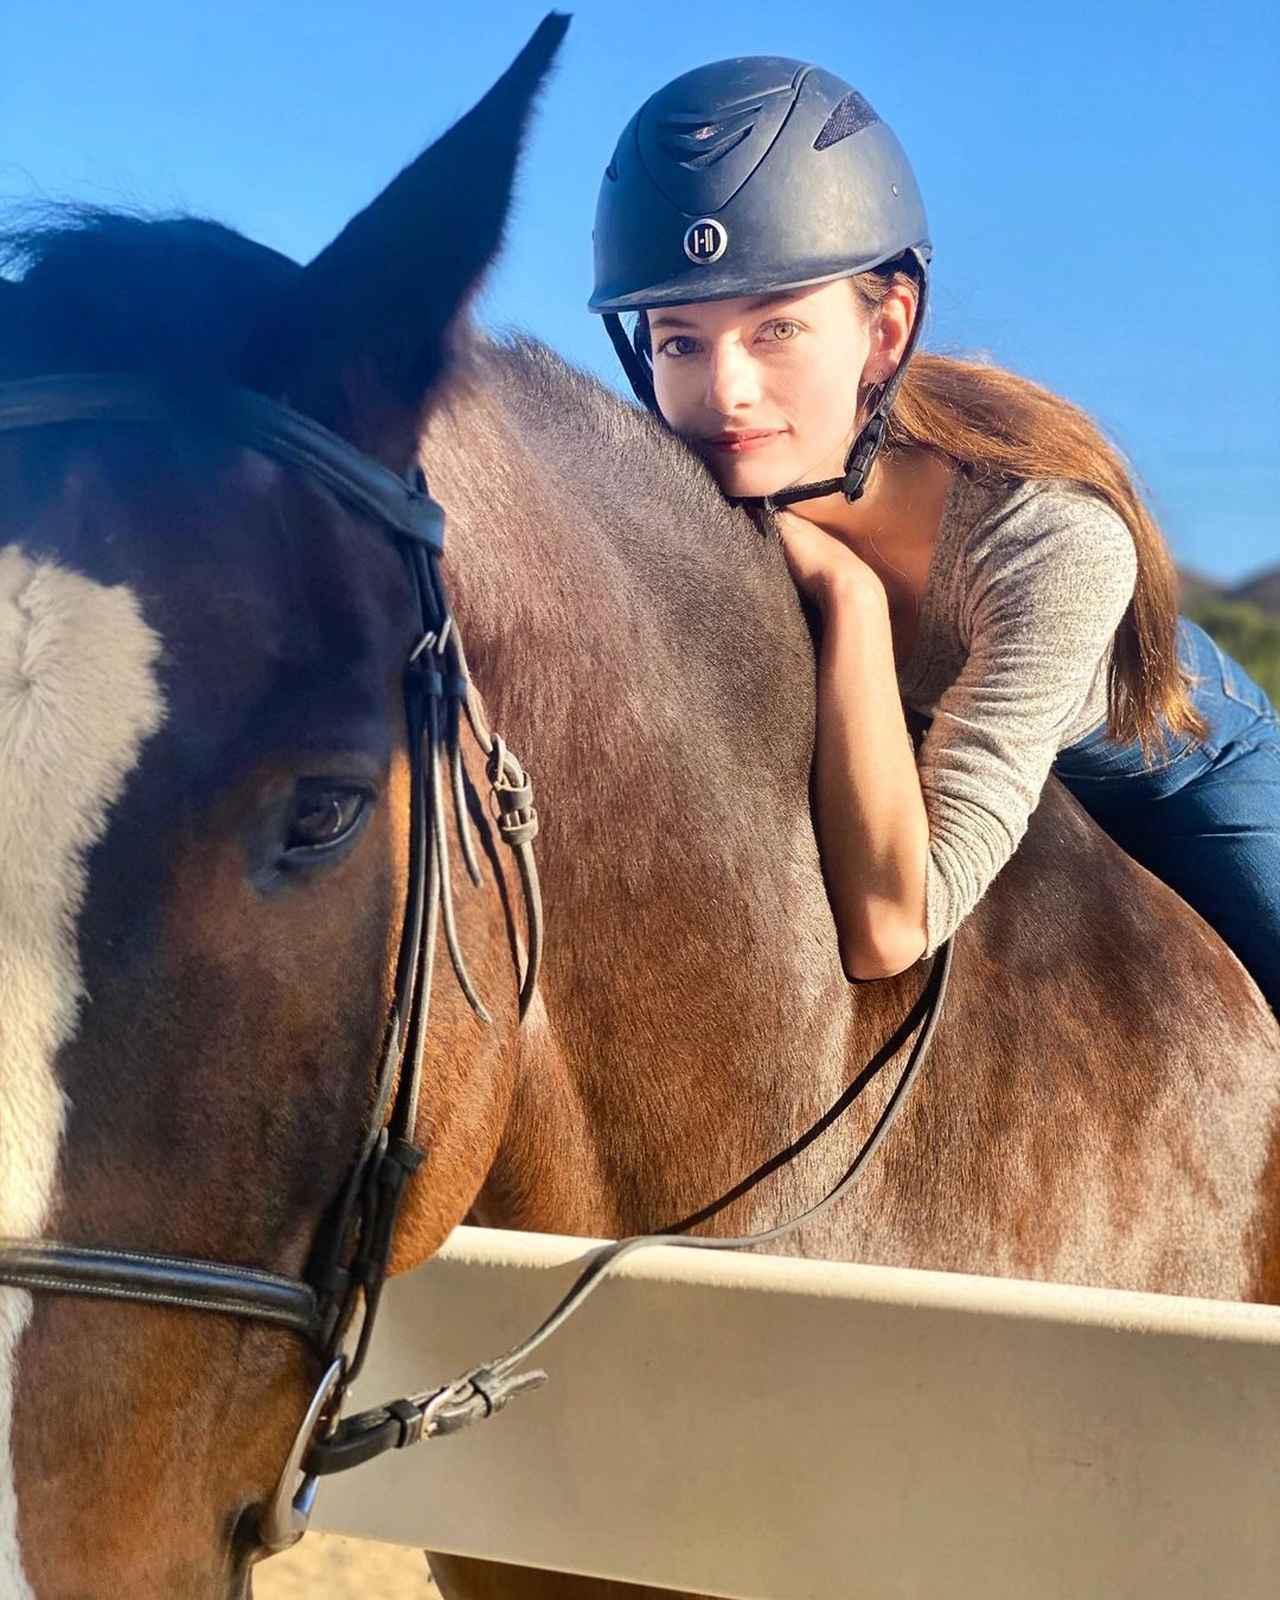 画像3: <趣味>インスタはテコンドーや馬の写真でいっぱい